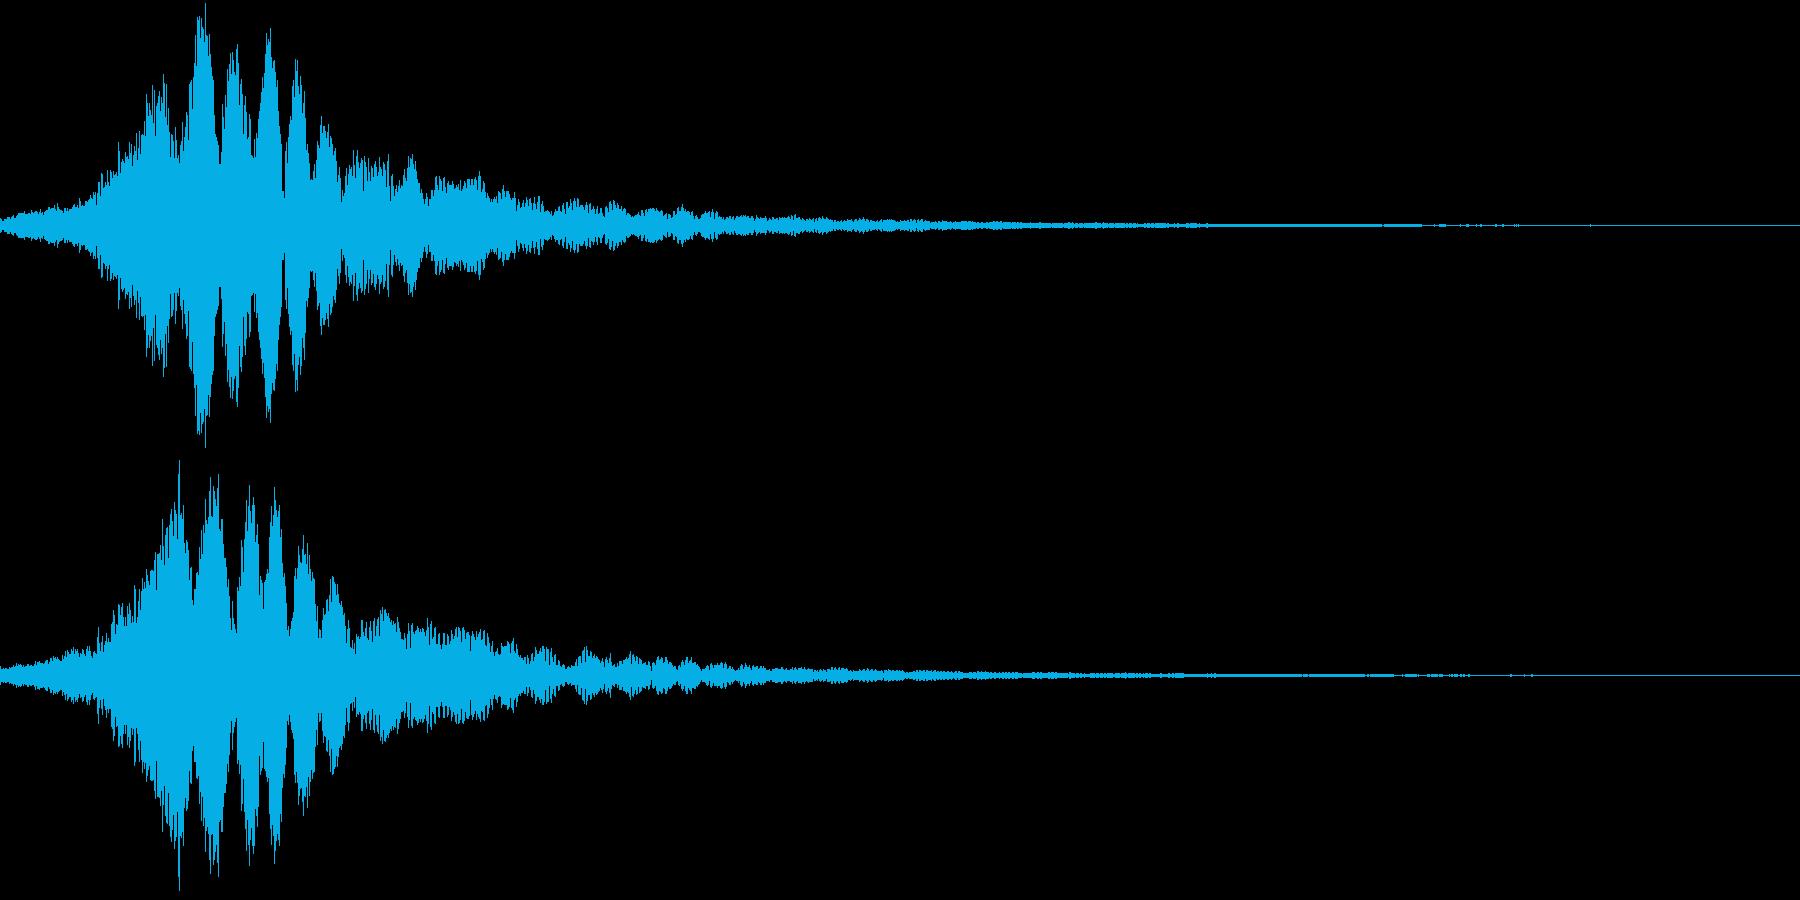 KAIDAN 怪談噺SE サイレンMixの再生済みの波形